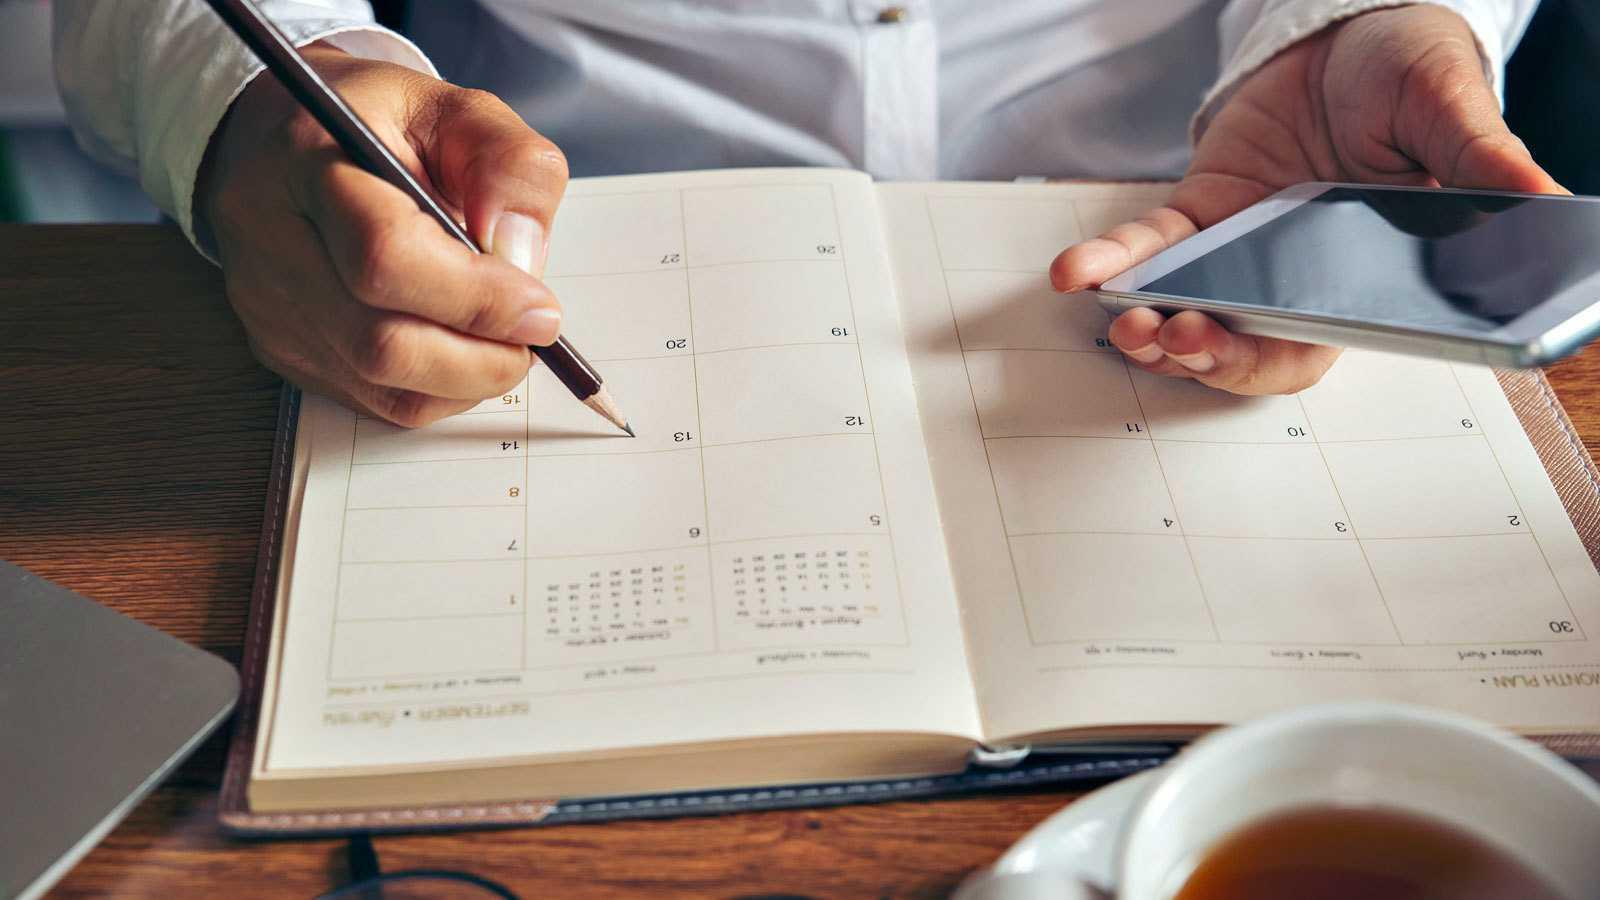 Las empresas no pueden limitar unilateralmente los períodos de vacaciones, según el Supremo